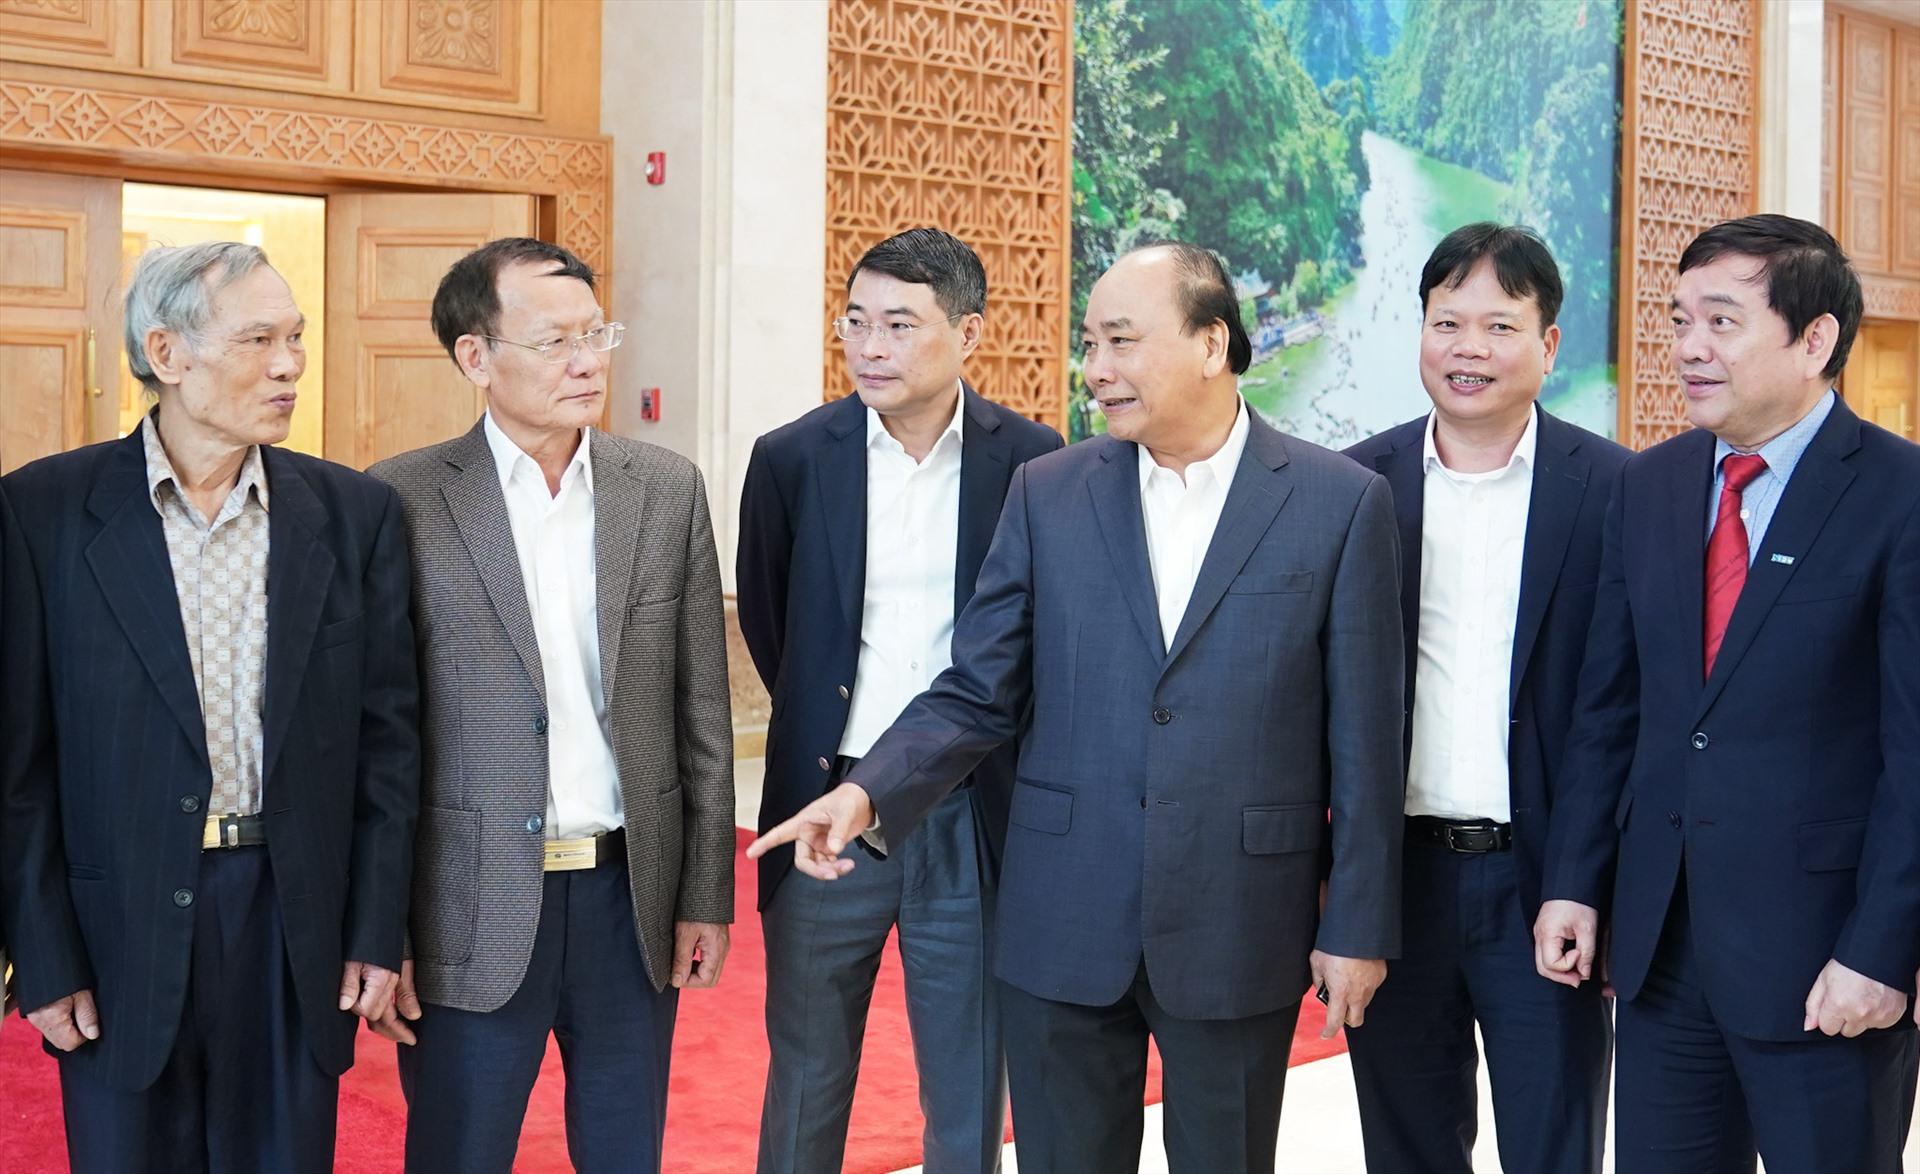 Thủ tướng Nguyễn Xuân Phúc trao đổi với các thành viên Hội đồng Tư vấn chính sách tài chính, tiền tệ quốc gia. Ảnh: VGP/Quang Hiếu